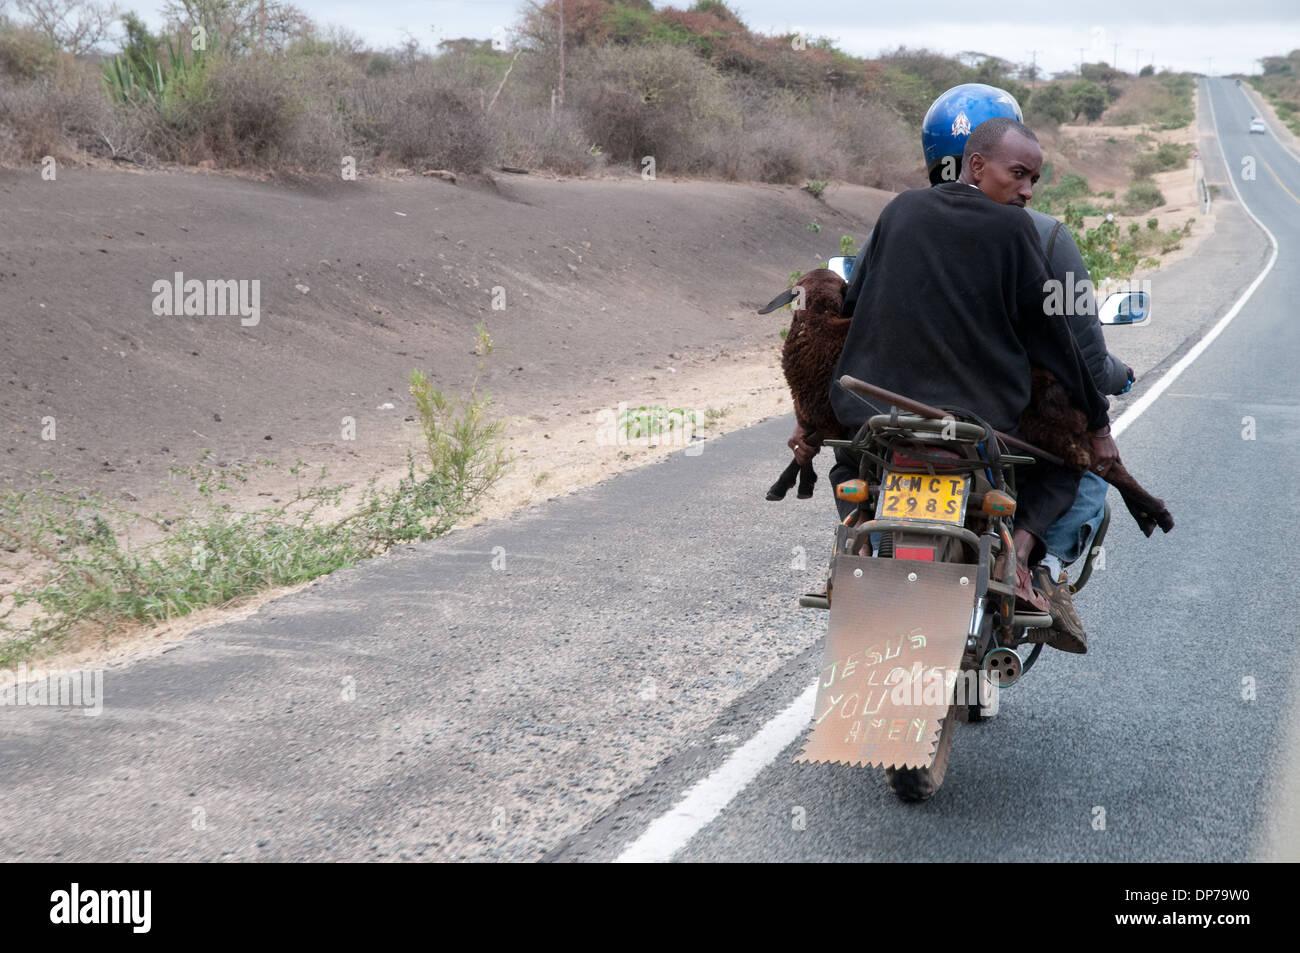 Motocicleta Taxi con cliente llevando una cabra en Nairobi Namanga carretera al sur de Kajiado Kenya África Imagen De Stock